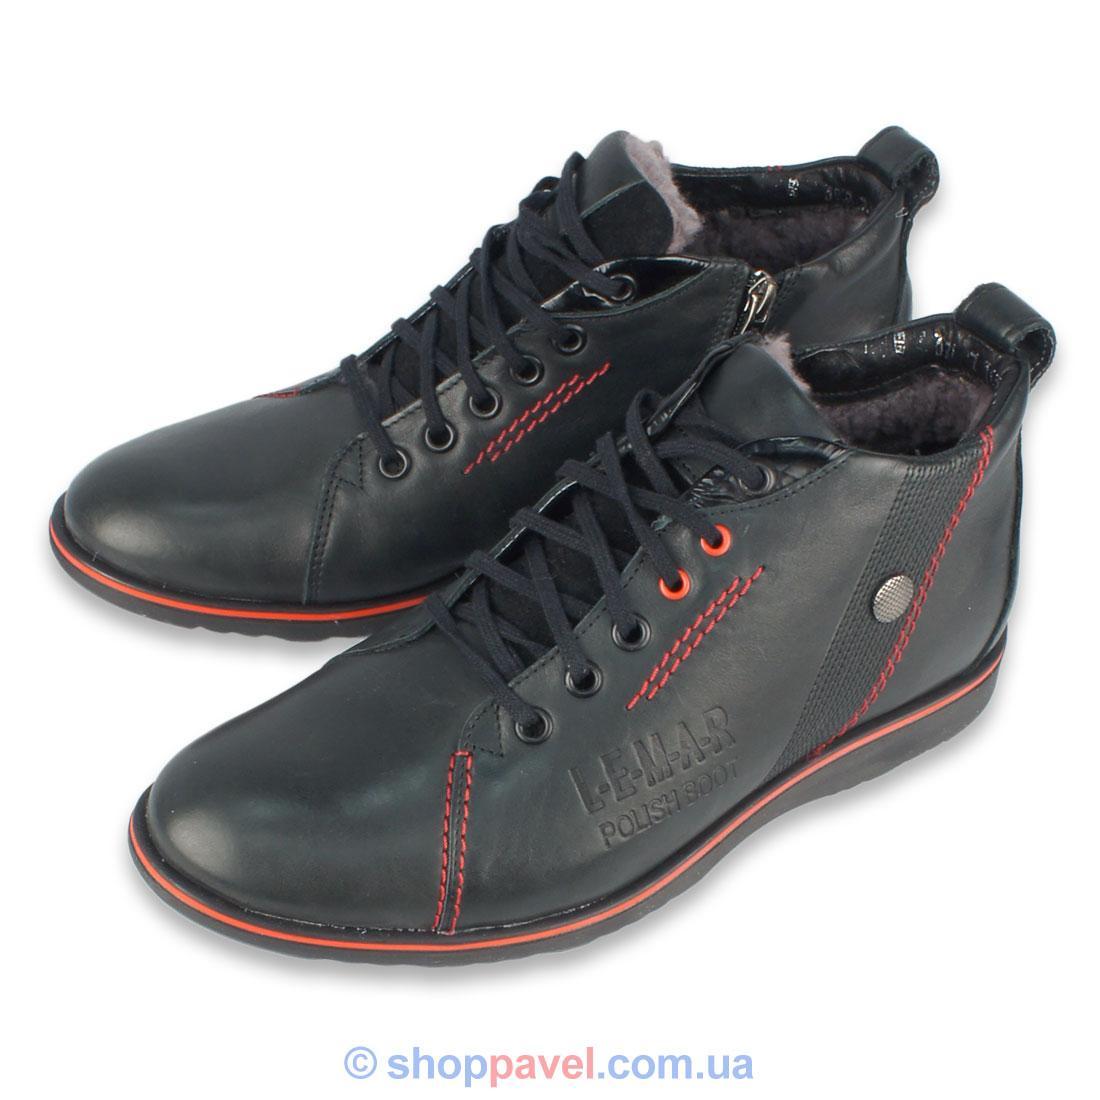 Чоловіче Зимове Взуття Lemar 1037 Чорного Кольору — в Категории ... 0ae47452fcc4e